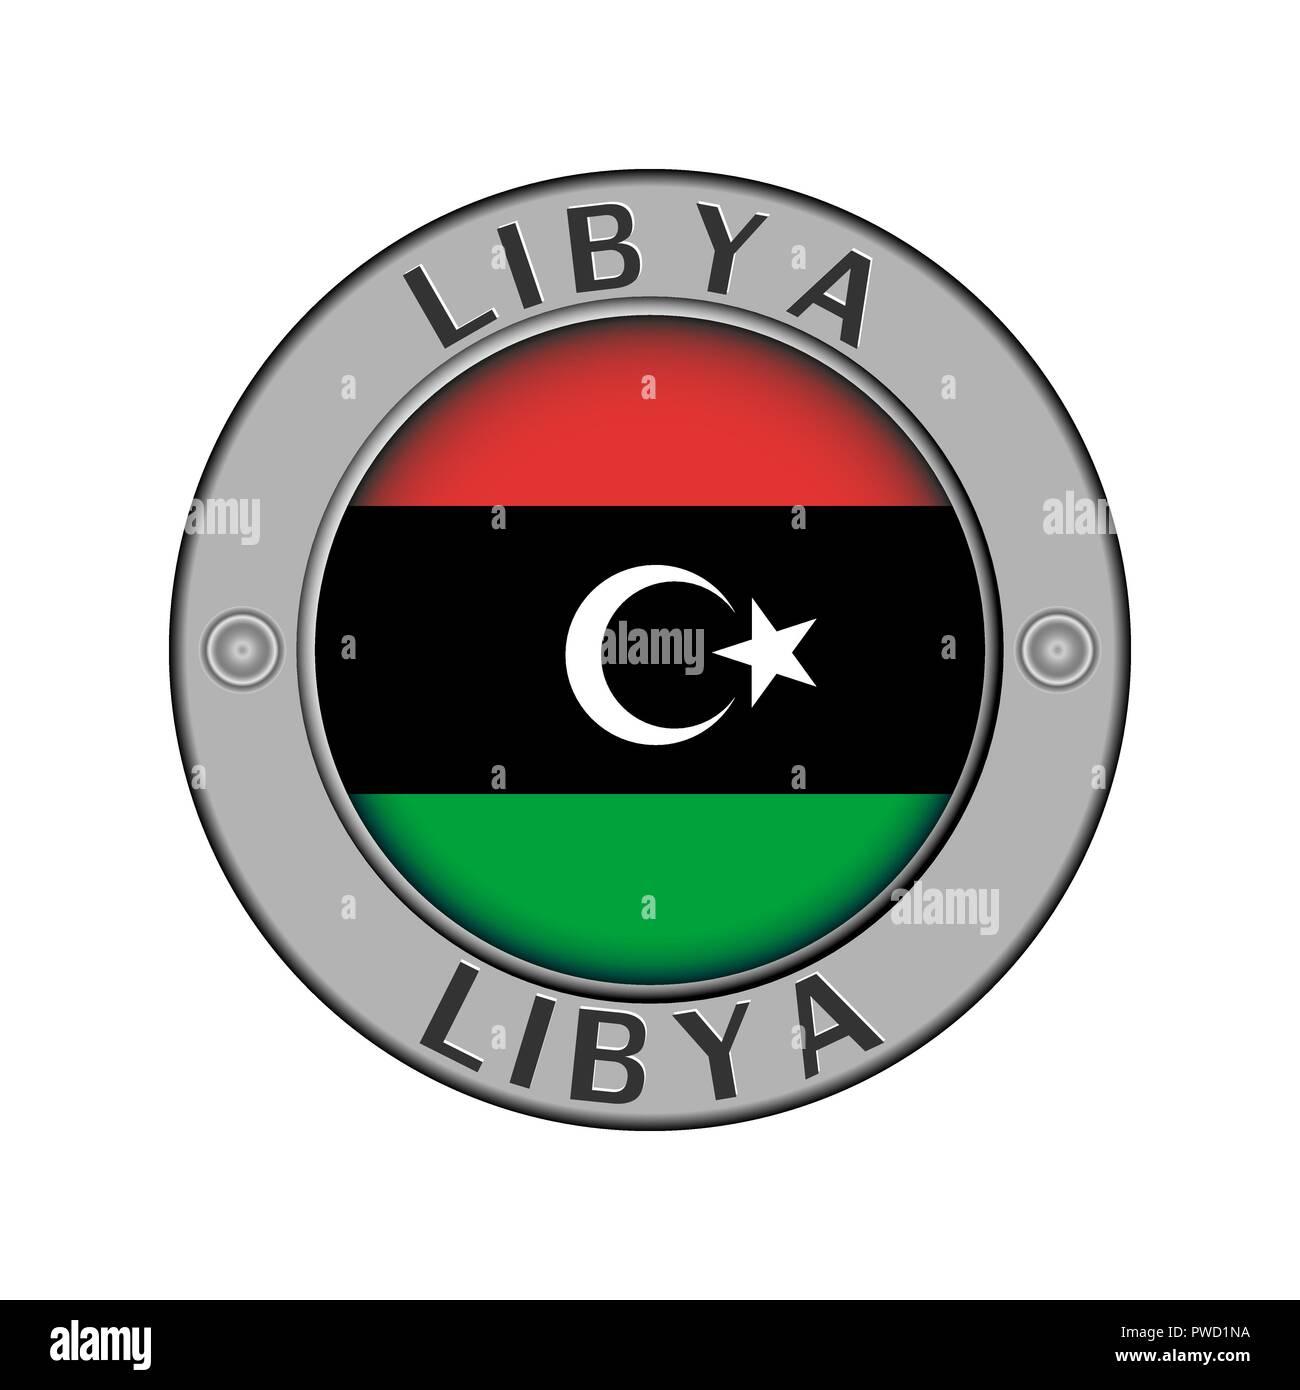 Image result for libya name